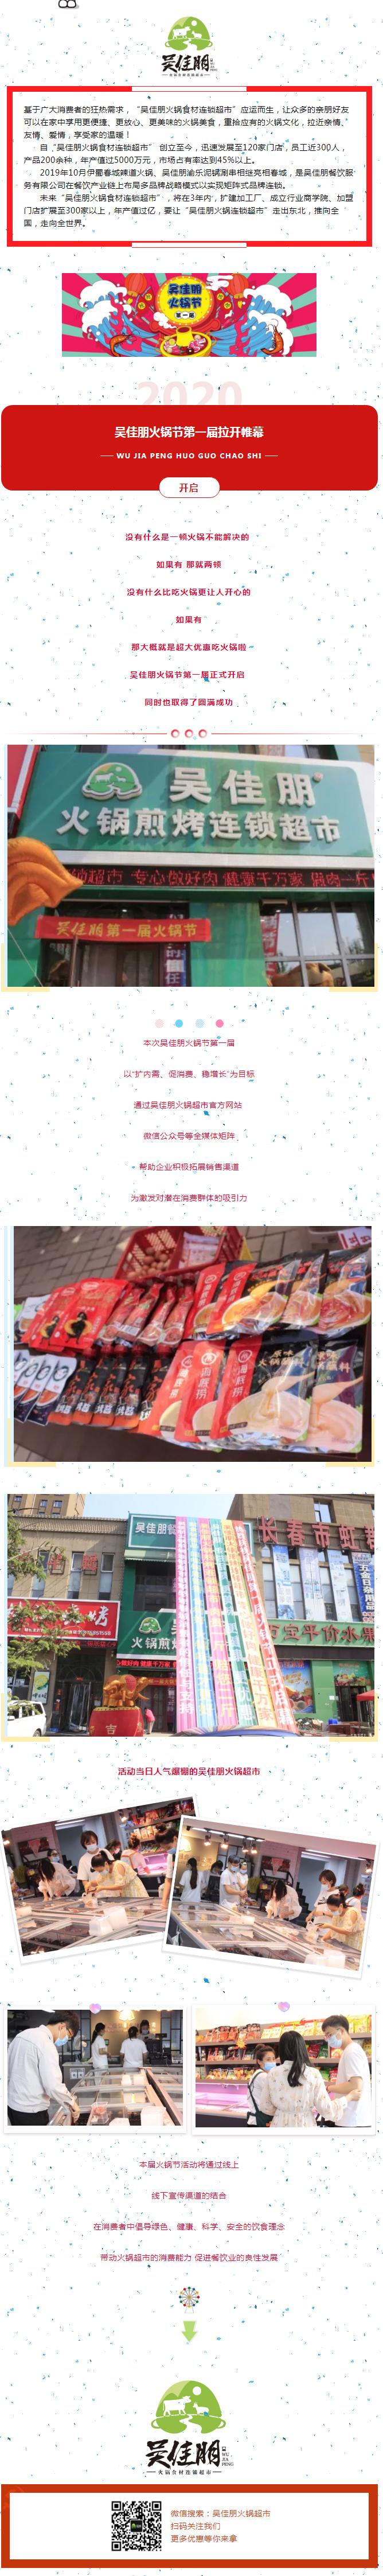 吴佳朋火锅超市